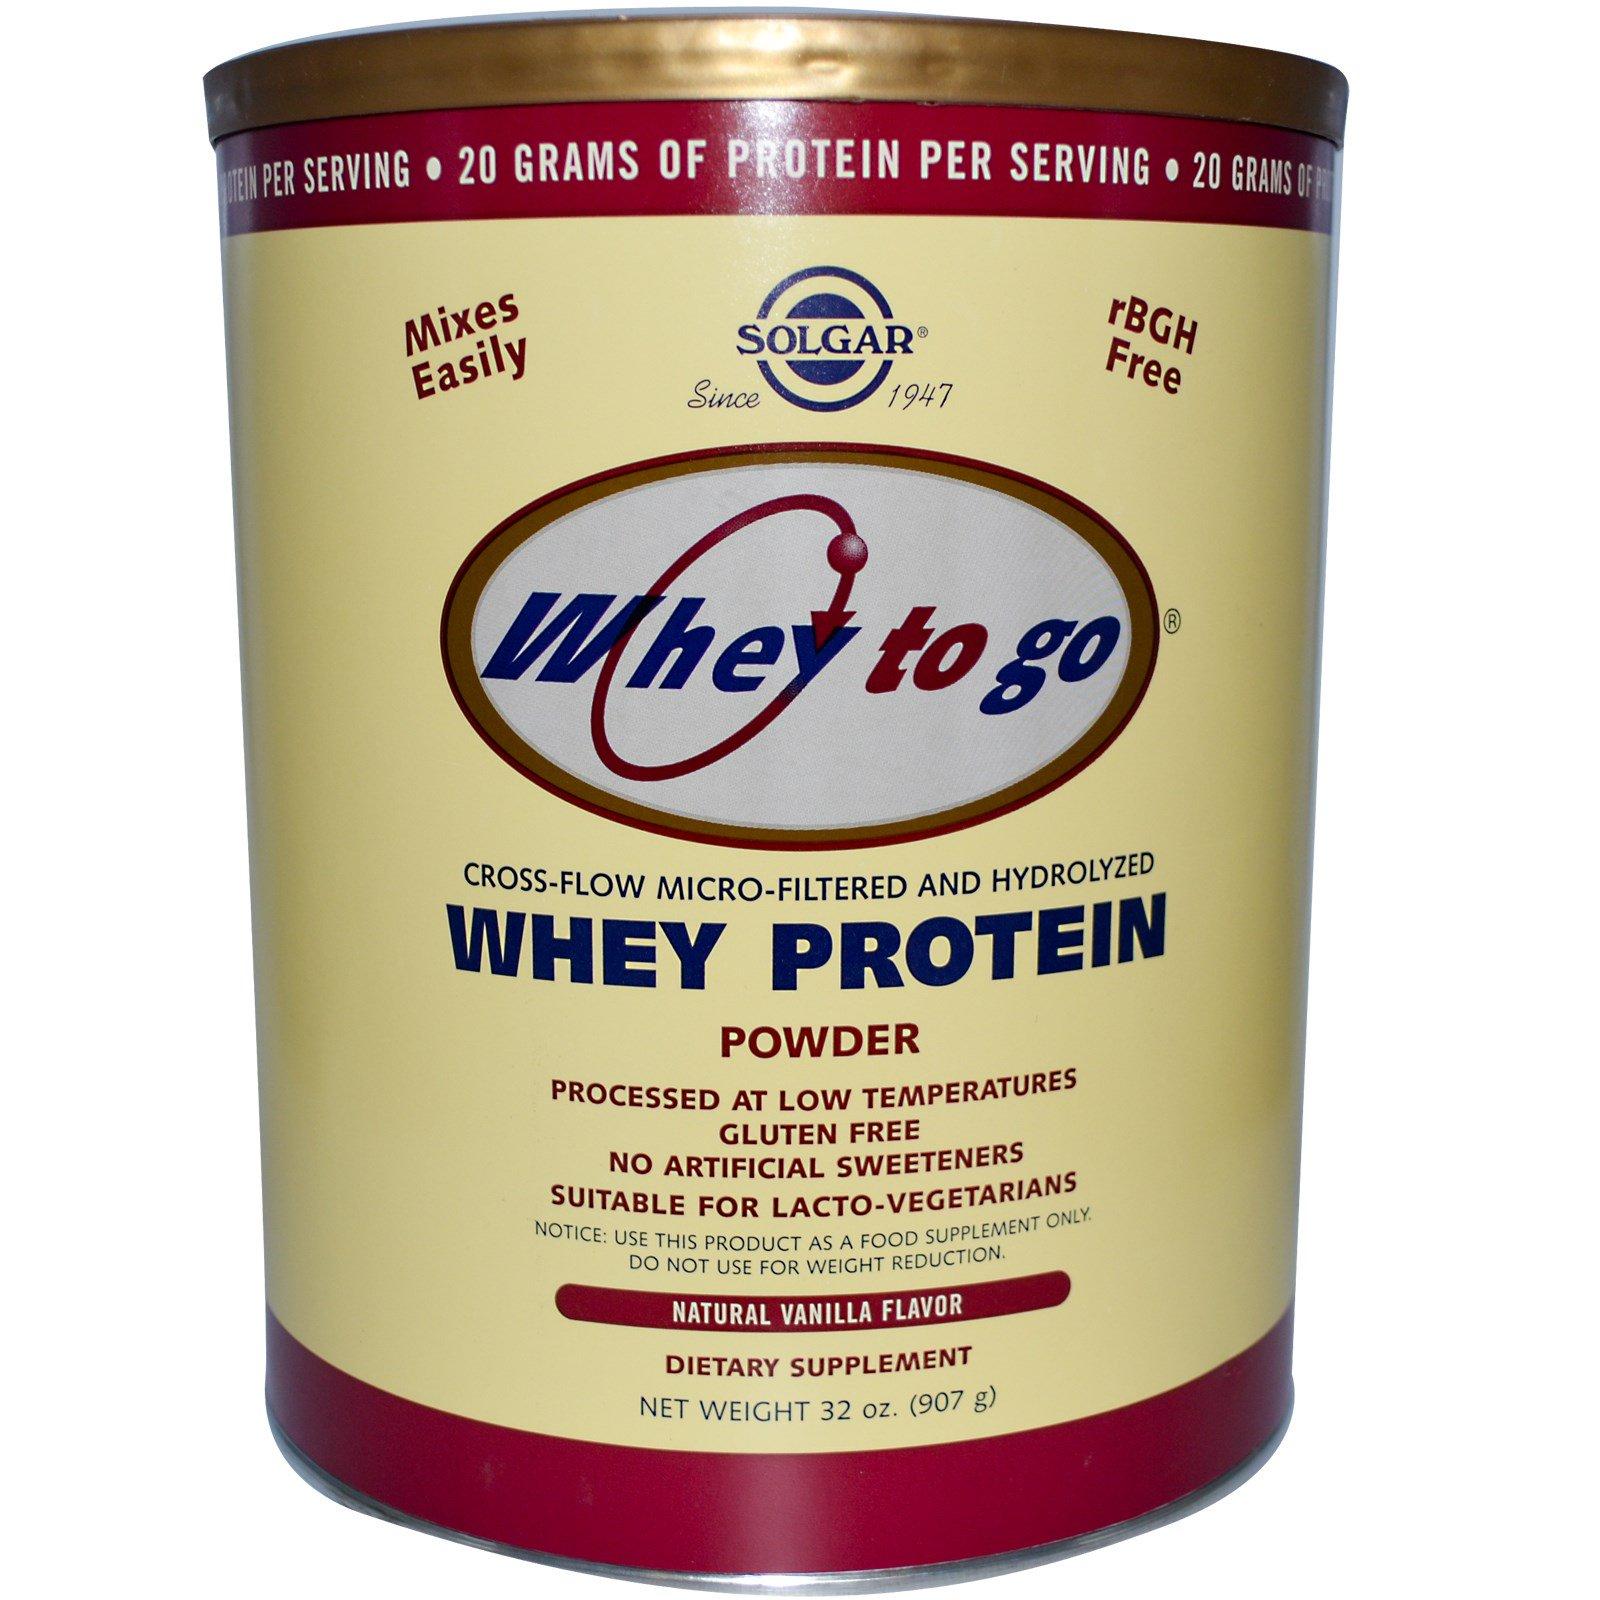 Solgar, Whey To Go, Сывороточный Протеин в Порошке, Натуральный Вкус Ванили 32 унции (907 г)